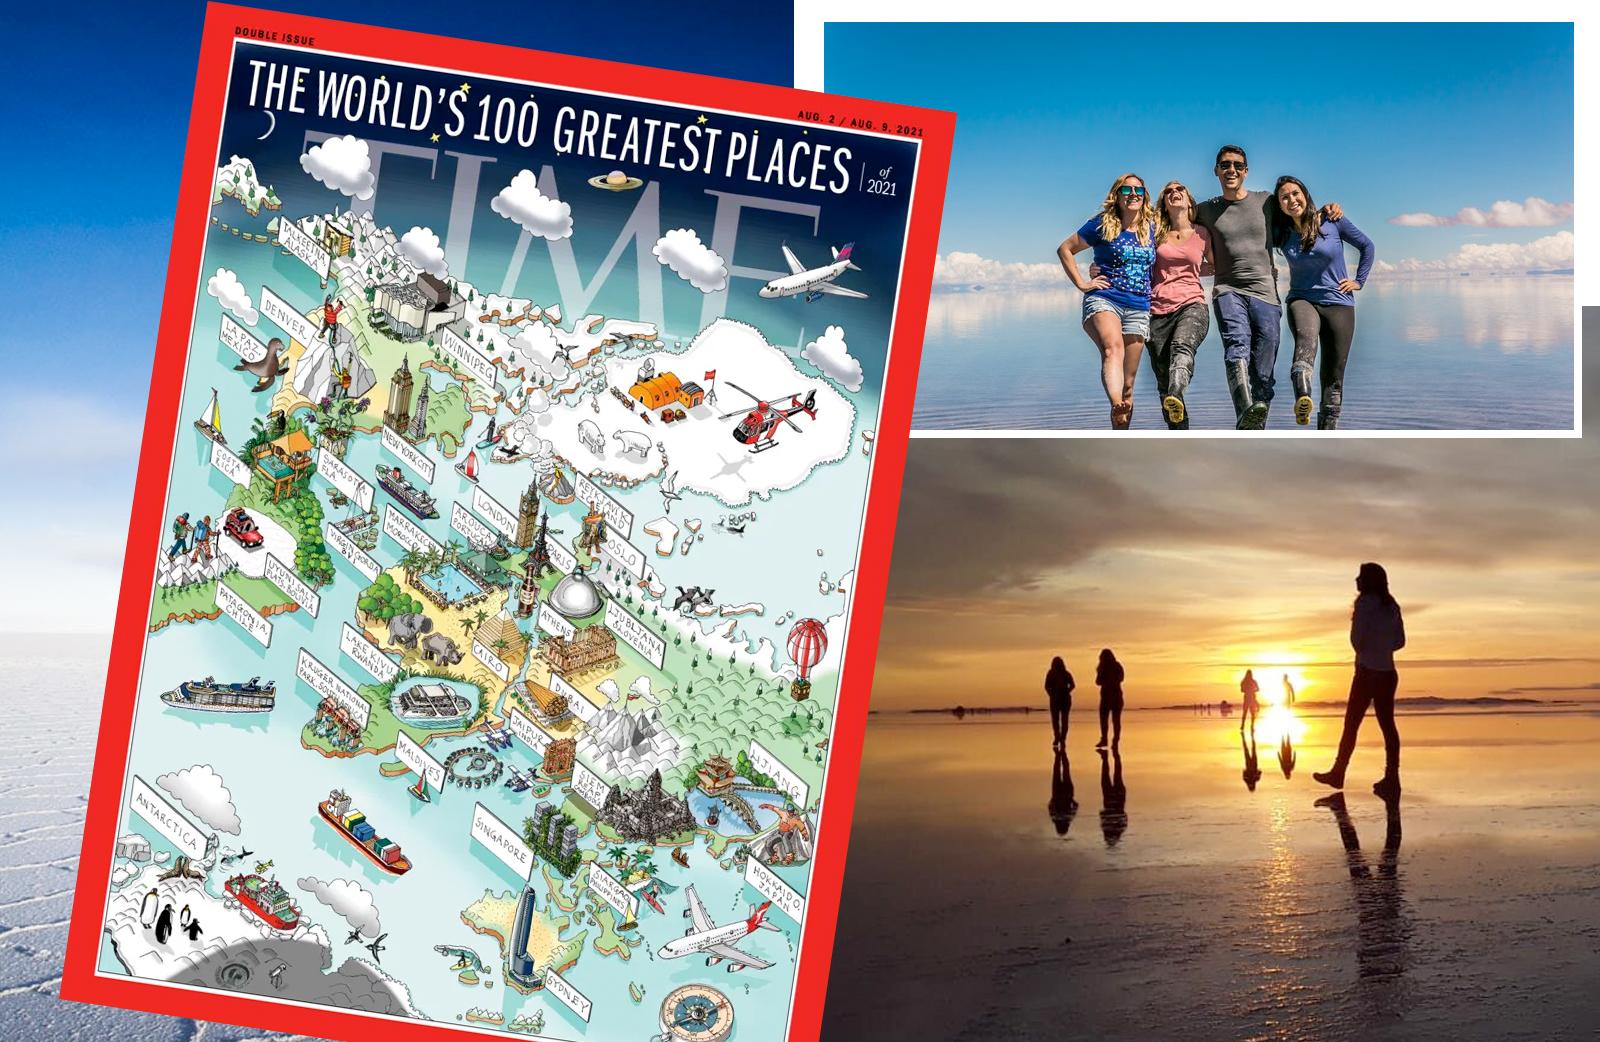 Revista TIME coloca UYUNI entre os 100 Melhores Lugares do Mundo